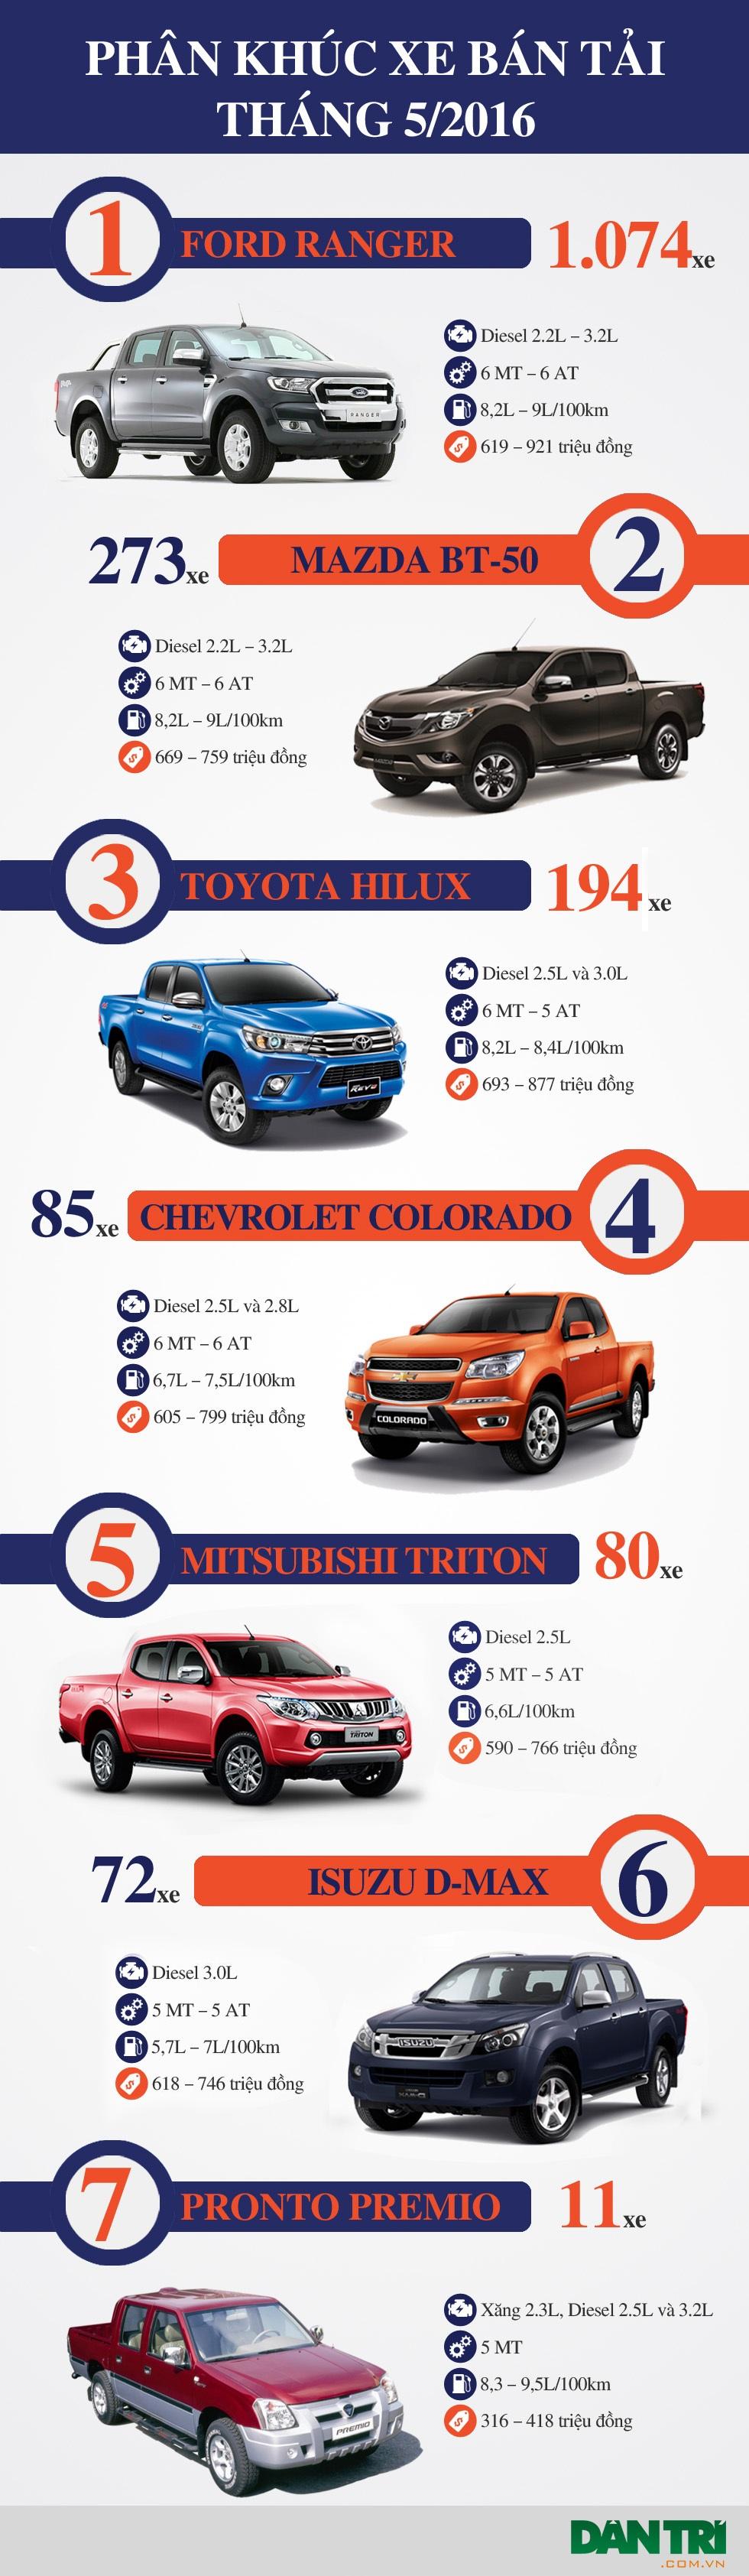 Ford Ranger vẫn chiếm tới 60% thị phần phân khúc xe bán tải ở Việt Nam trong tháng 5/2016